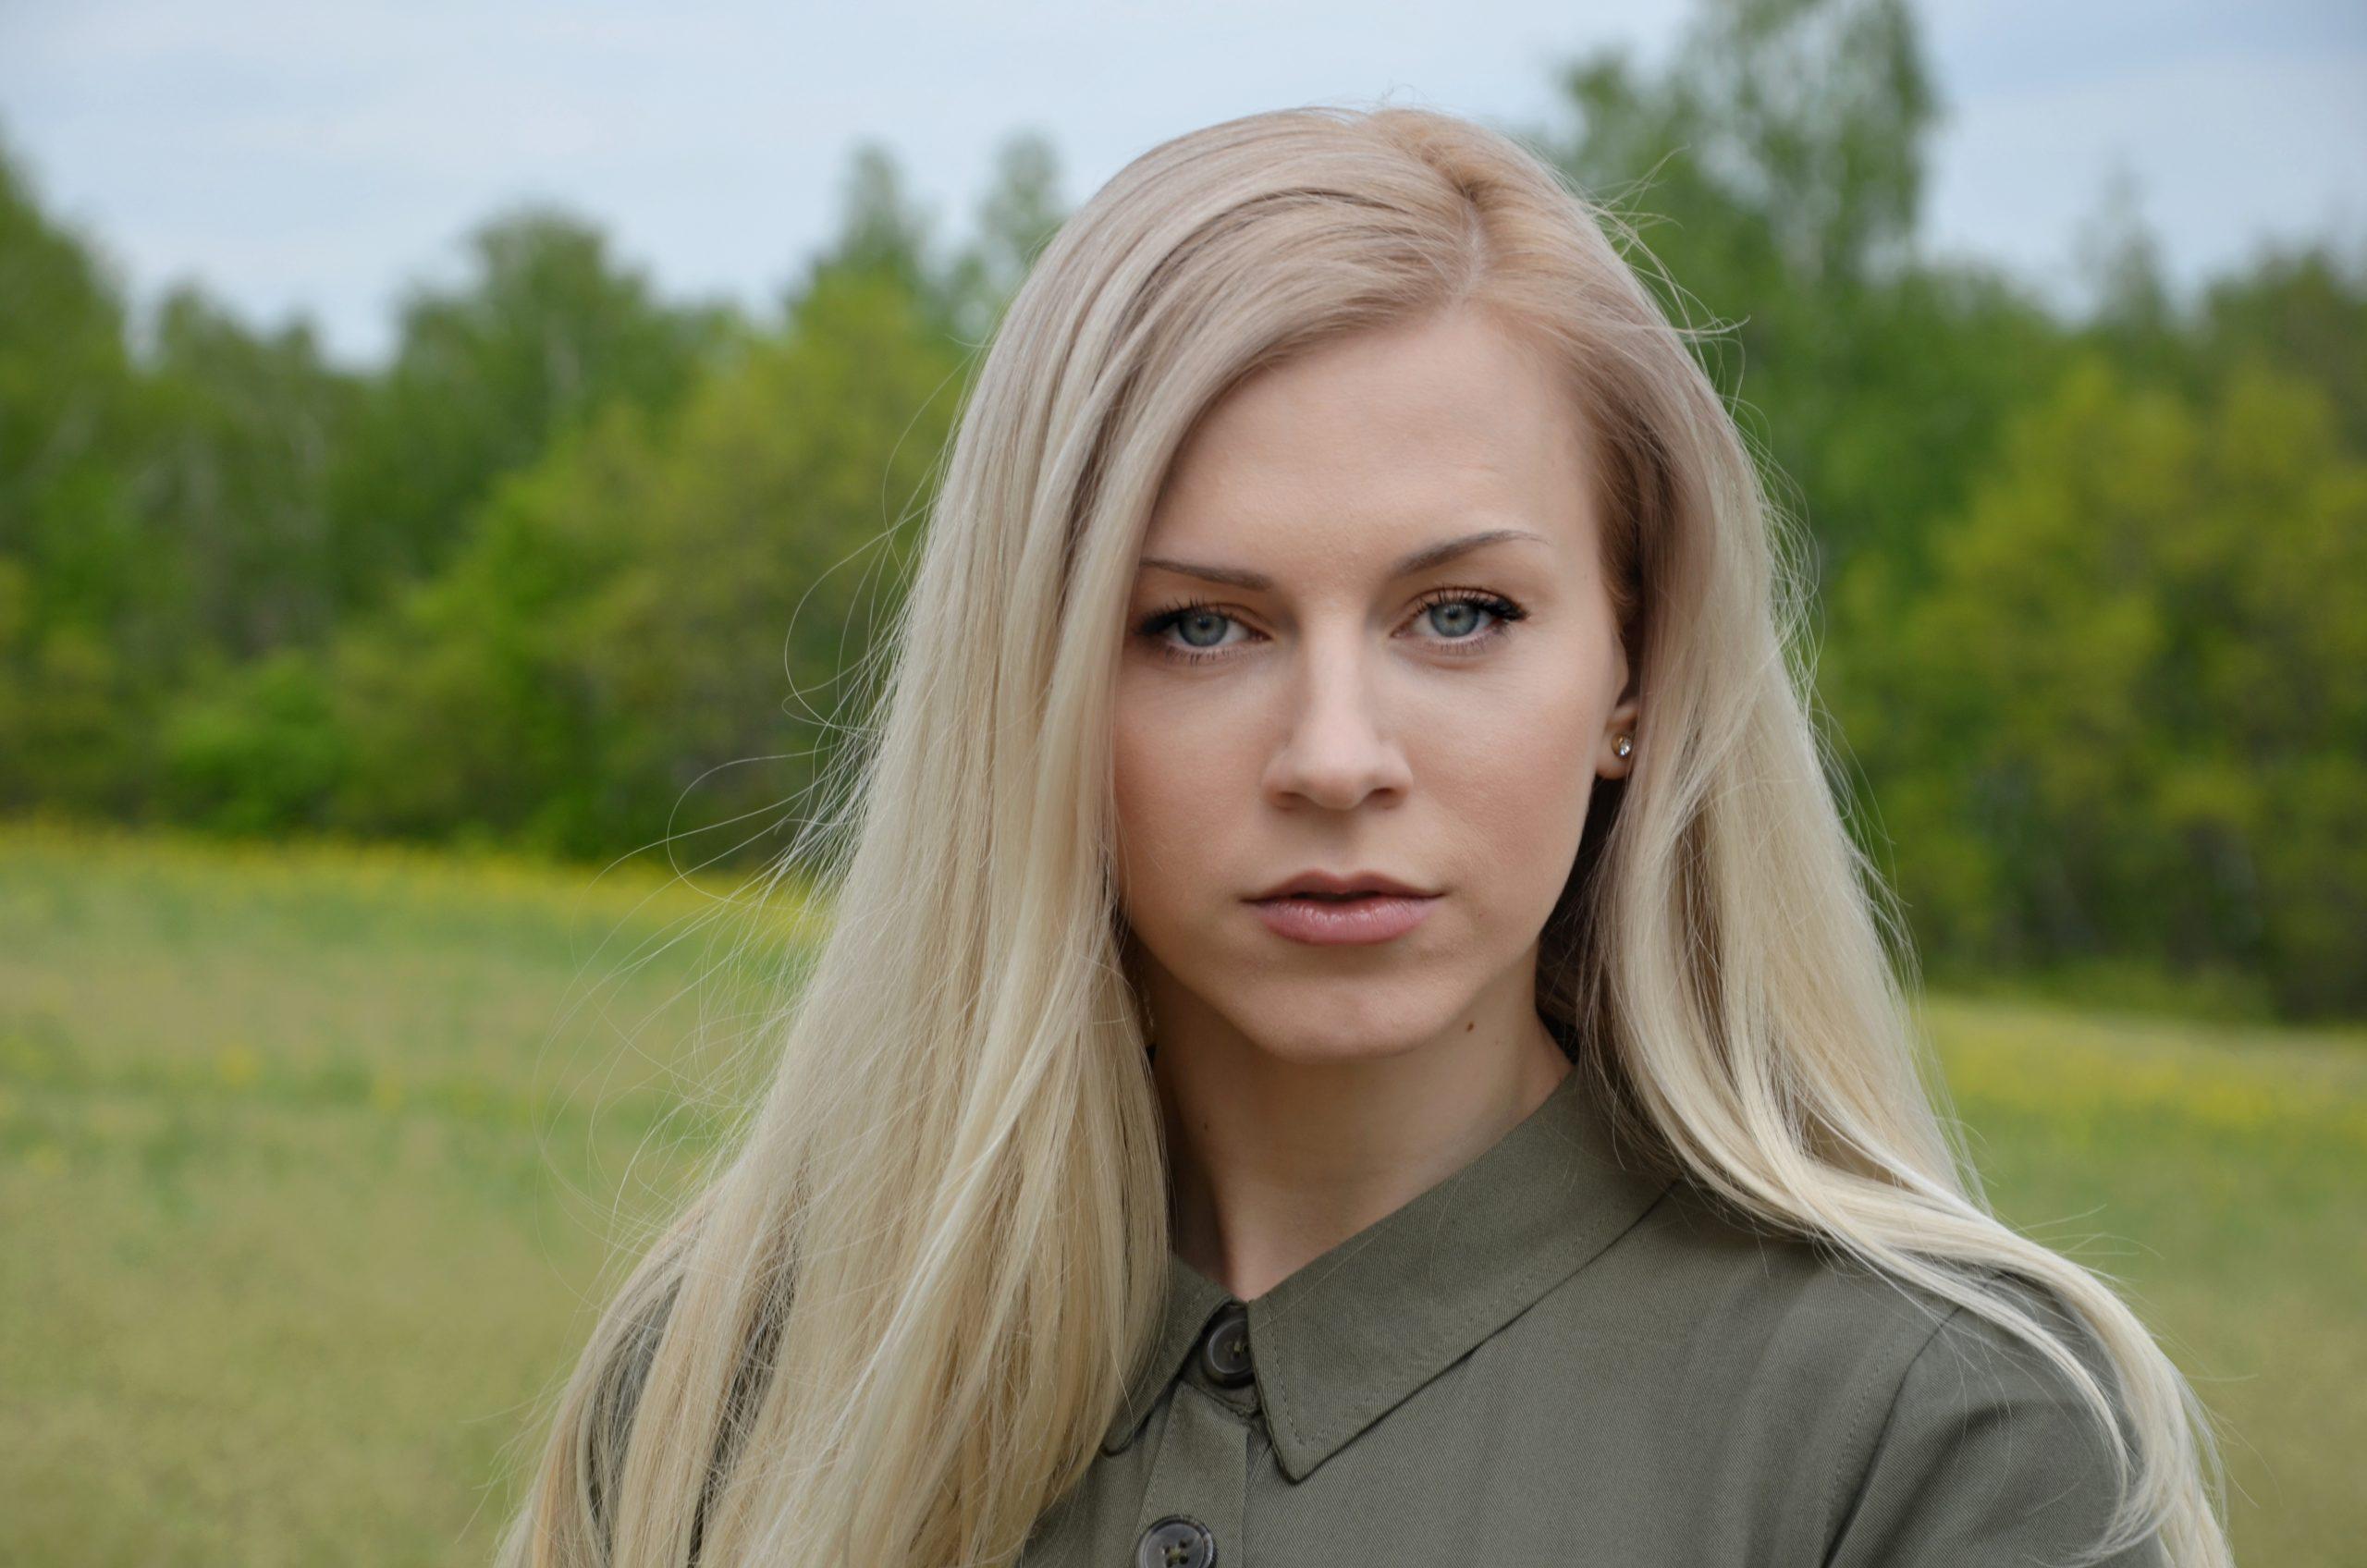 Юлия Юрченко: Мне интересно все, что касается моей профессии